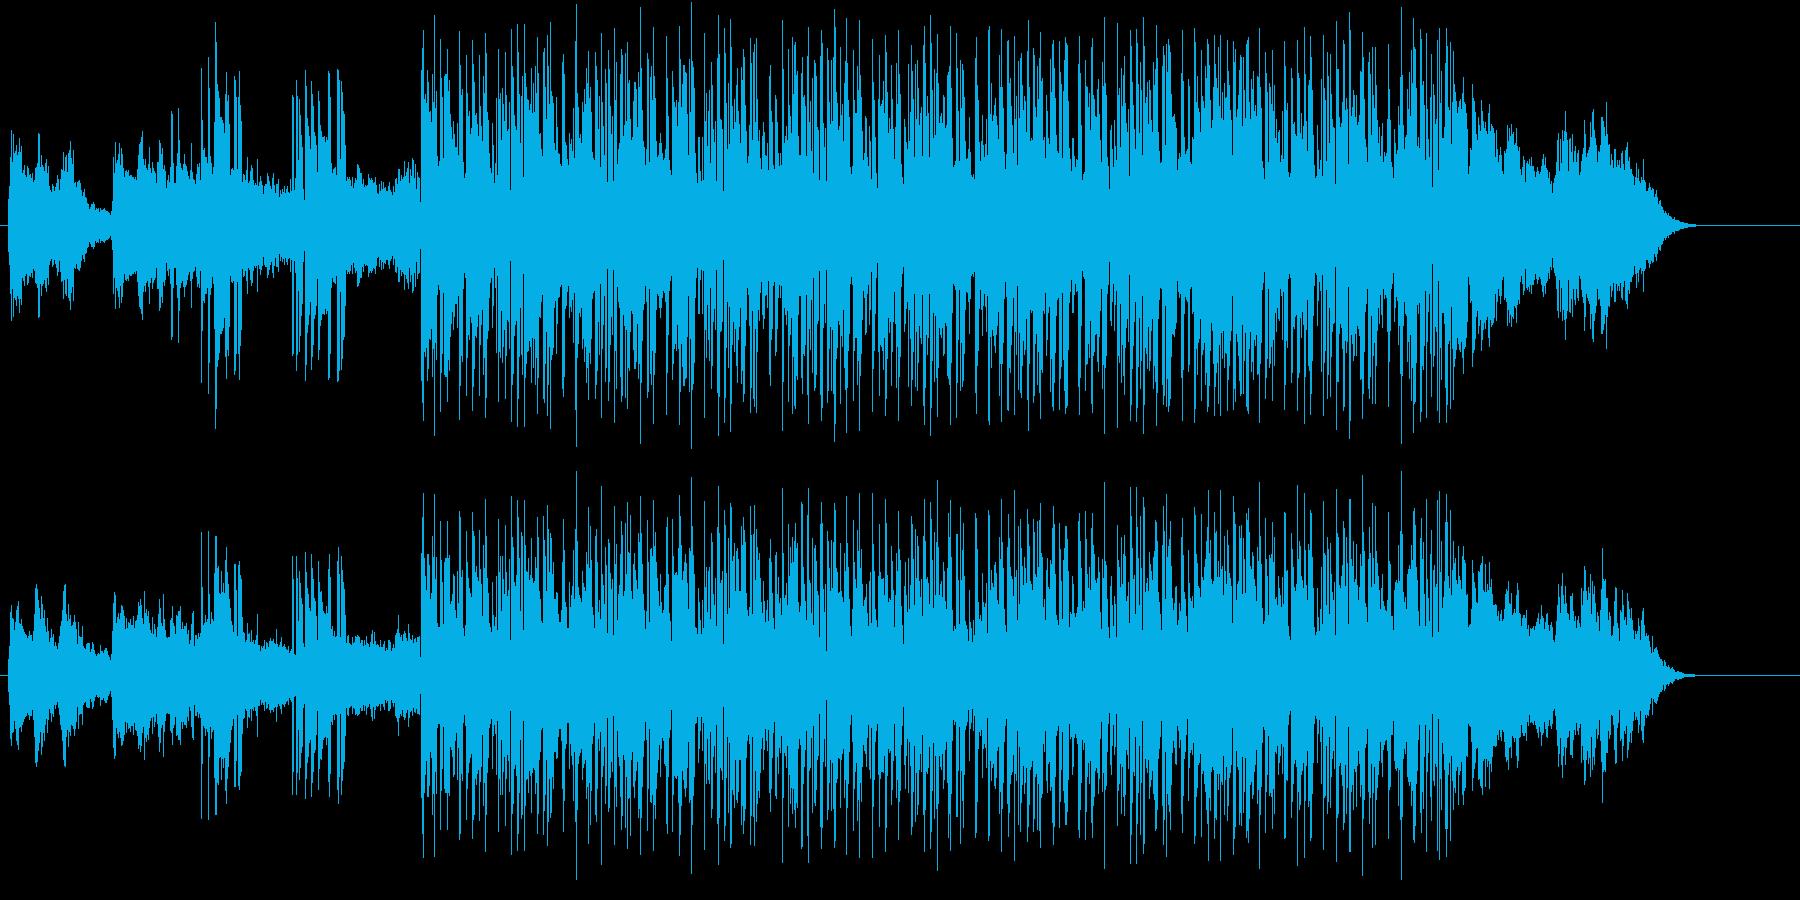 斬新でクールなアンビ風クラブ系マイナー調の再生済みの波形